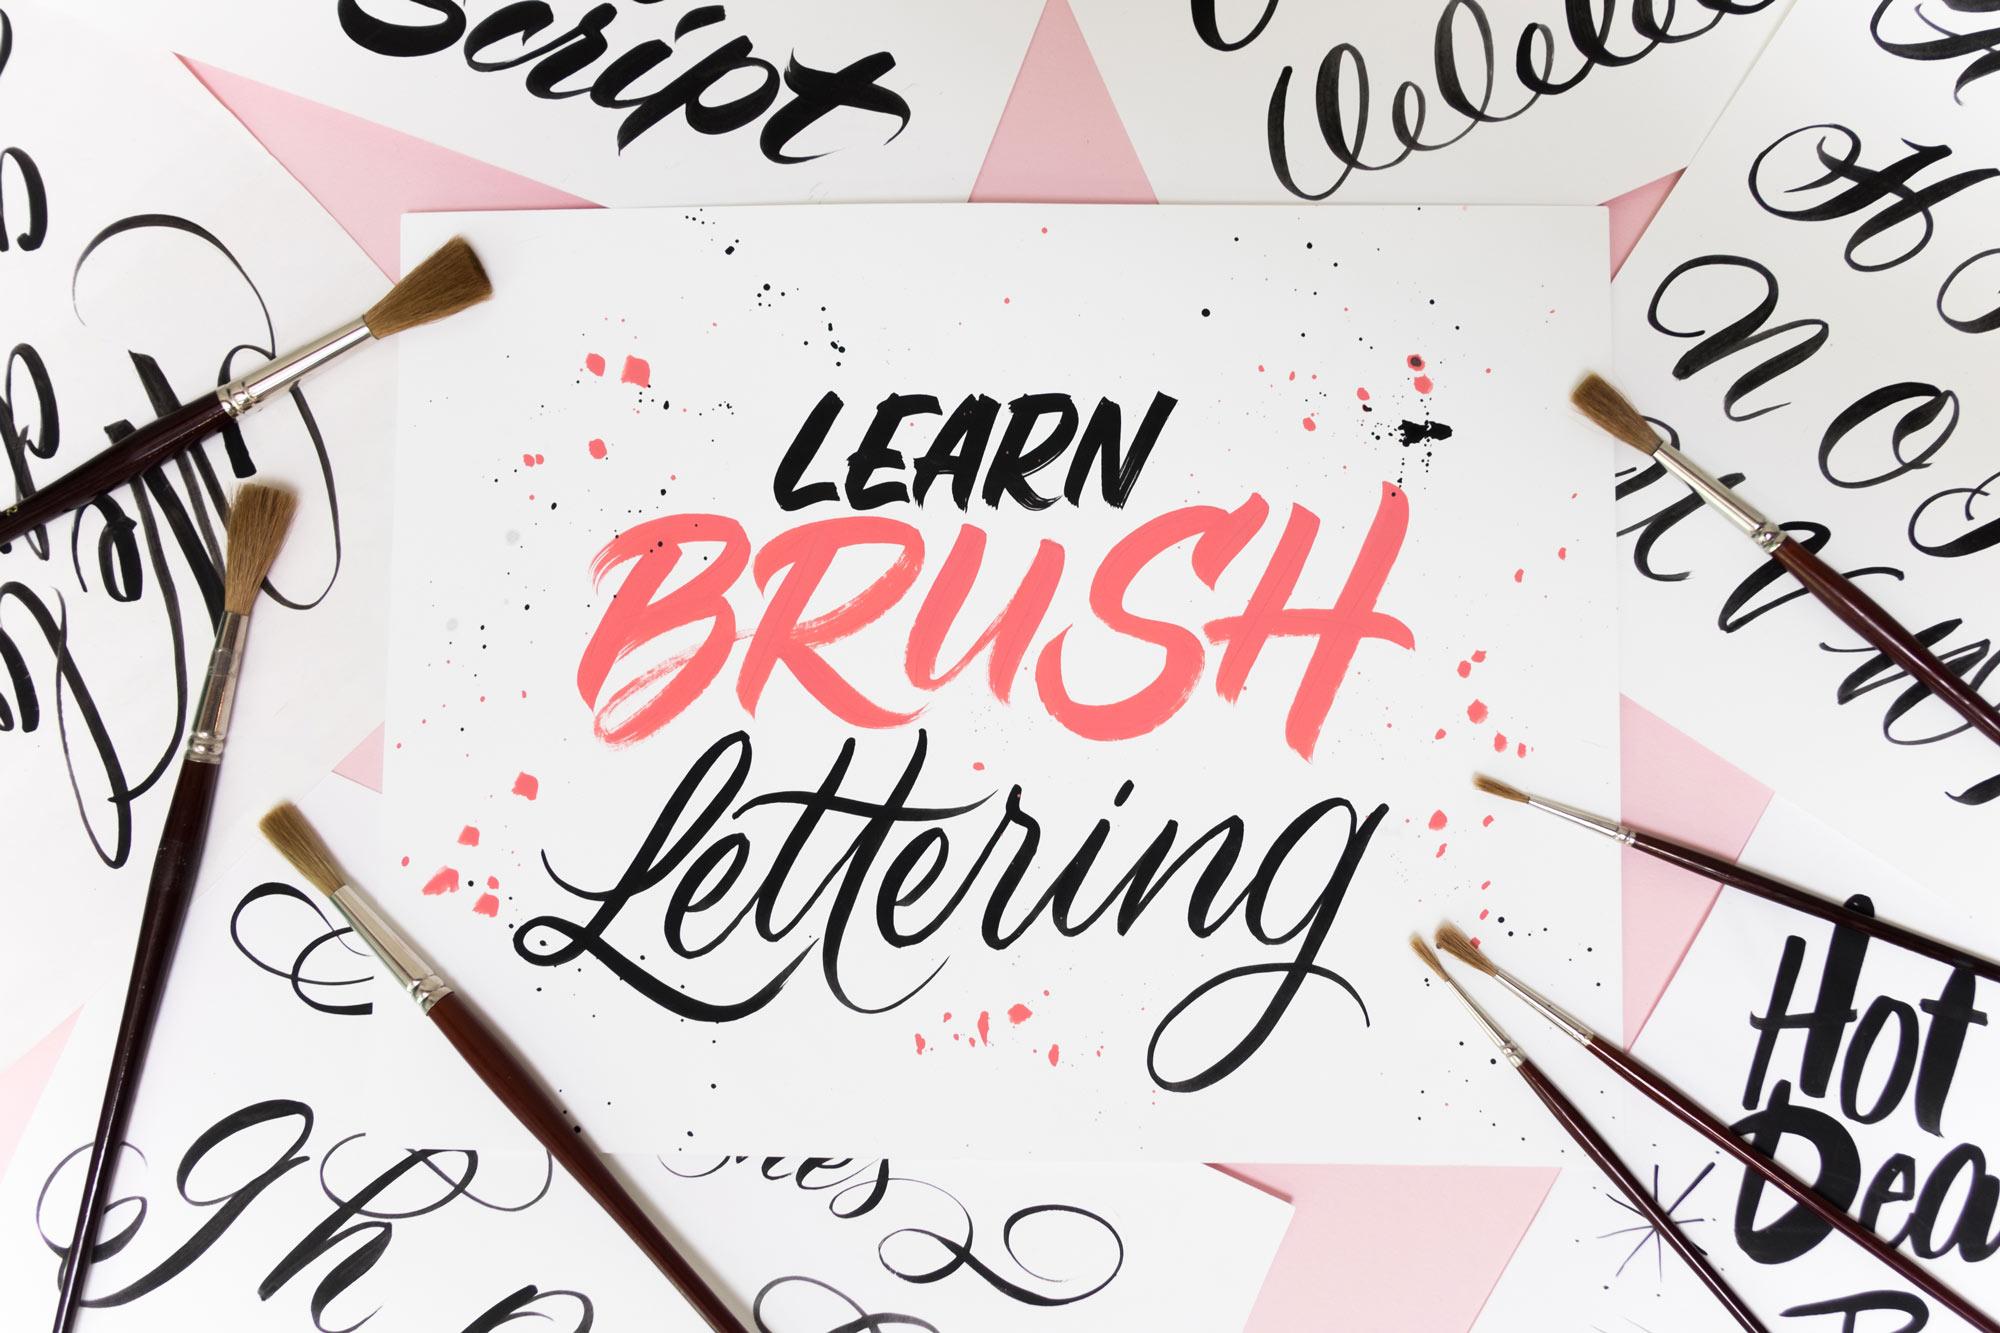 Learn Brush Lettering - Lettering Tutorial